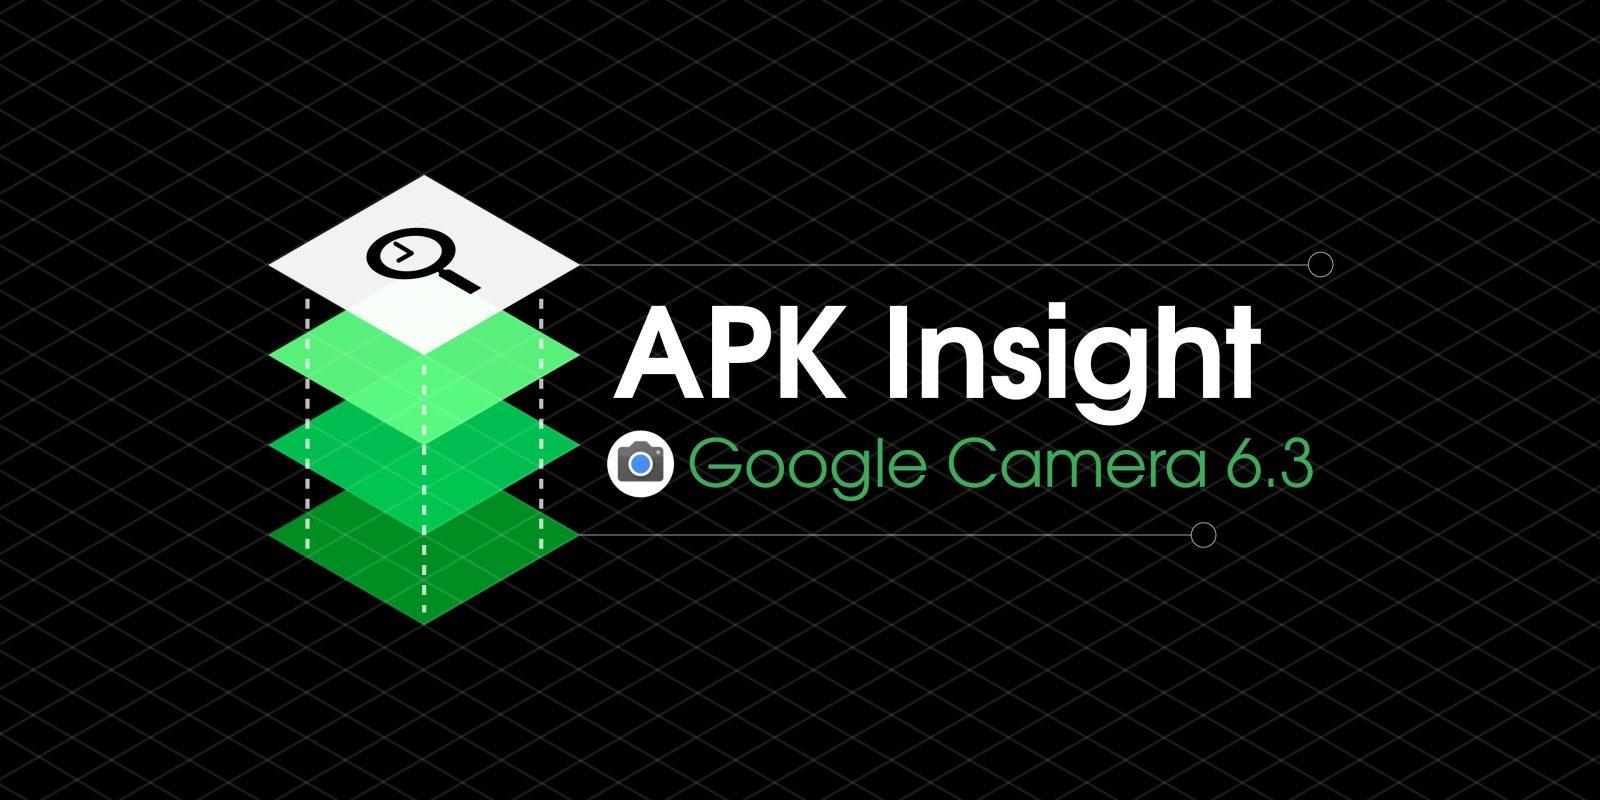 Google Camera 6 3 preps 'McFly Mode' [APK Insight] - 9to5Google